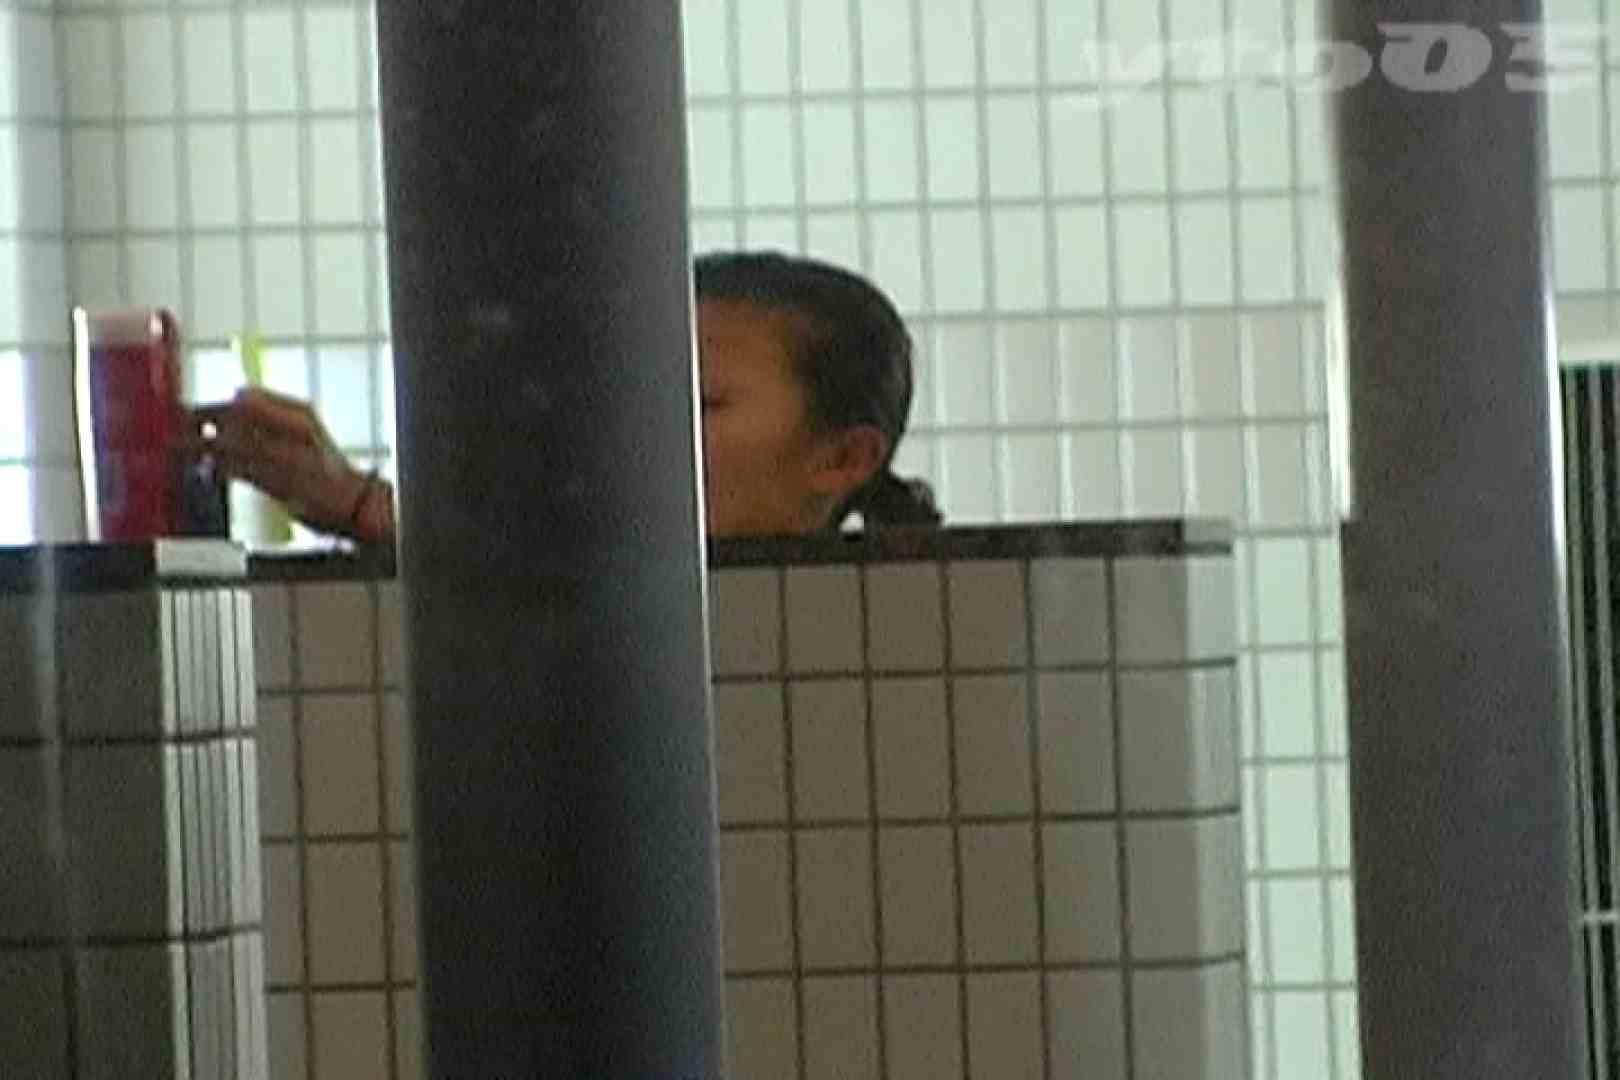 ▲復活限定▲合宿ホテル女風呂盗撮 Vol.31 期間限定作品 われめAV動画紹介 30画像 3